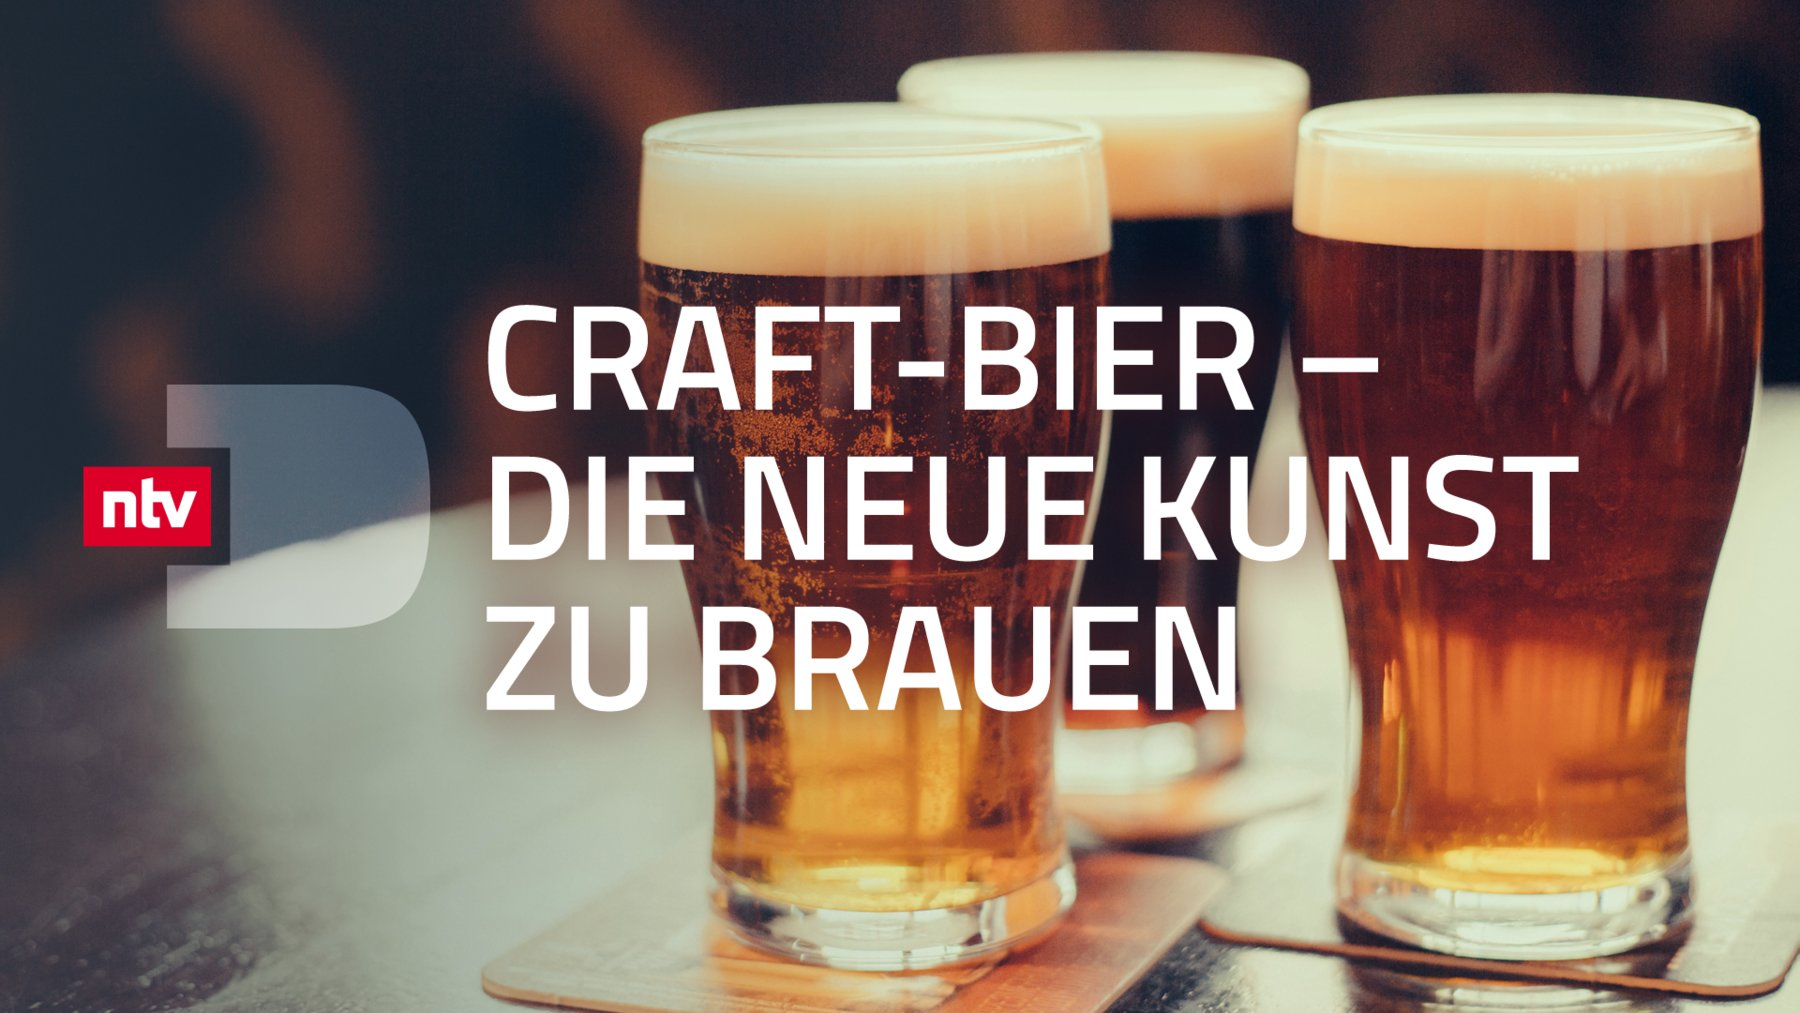 Craft-Bier - Die neue Kunst zu brauen